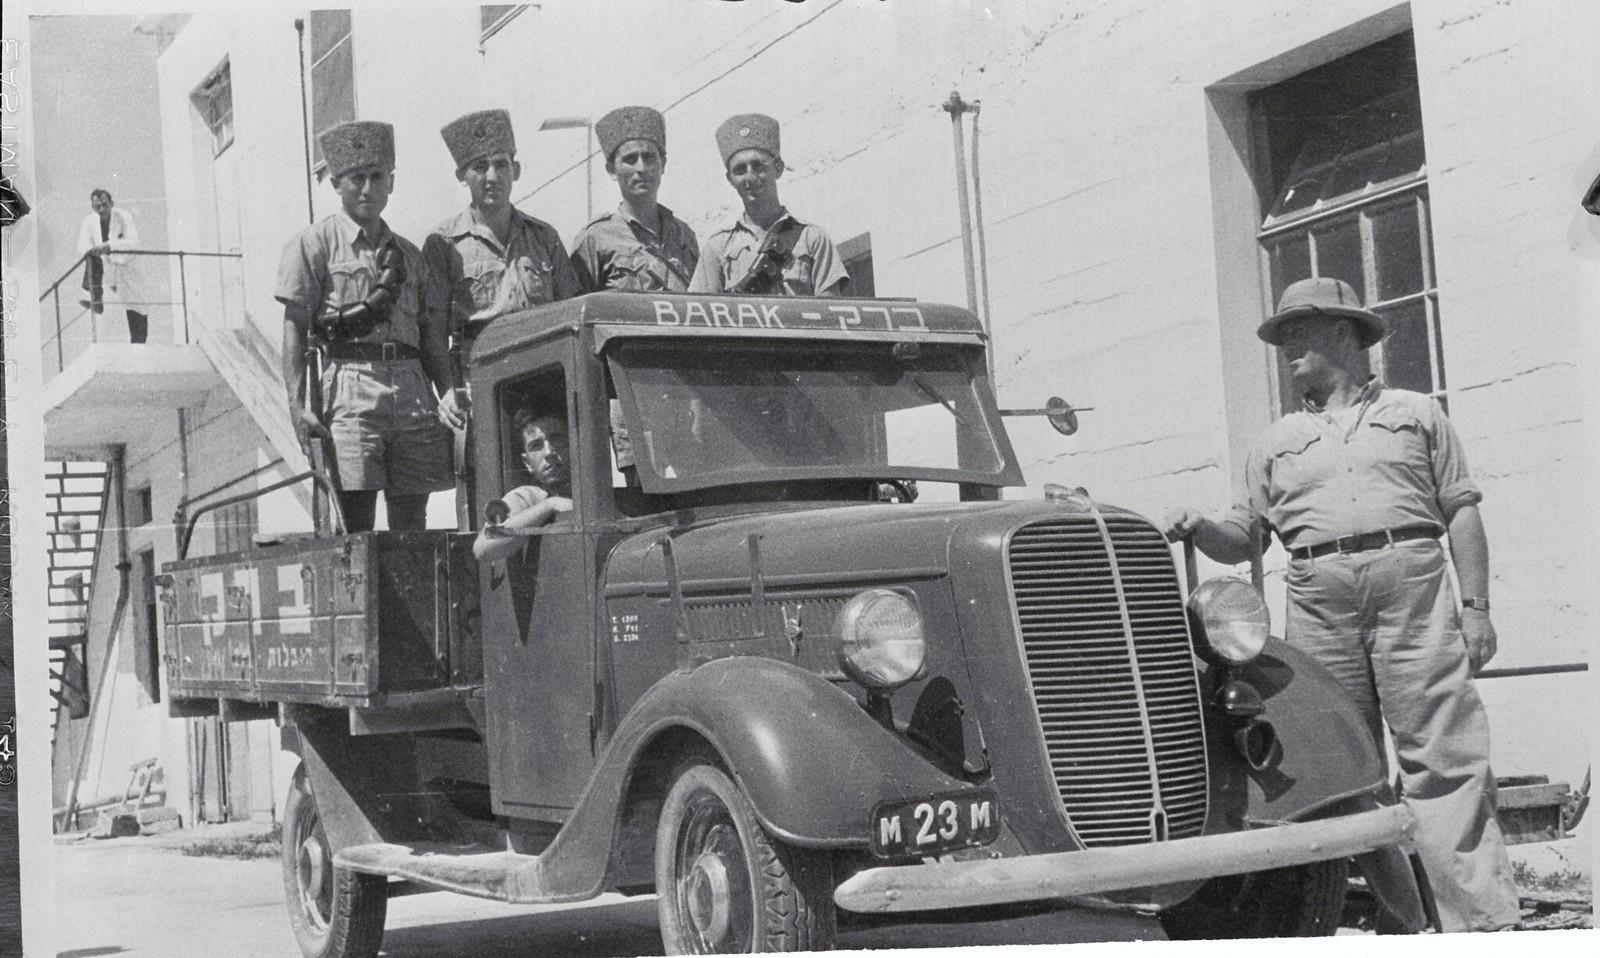 29. 1938. «Таких охранников должен использовать каждый еврейский бизнес или завод в Палестине для защиты своих сотрудников от арабских банд - как в городах, так и в поселениях. Этот грузовик с еврейскими полицейскими принадлежит производственной компании